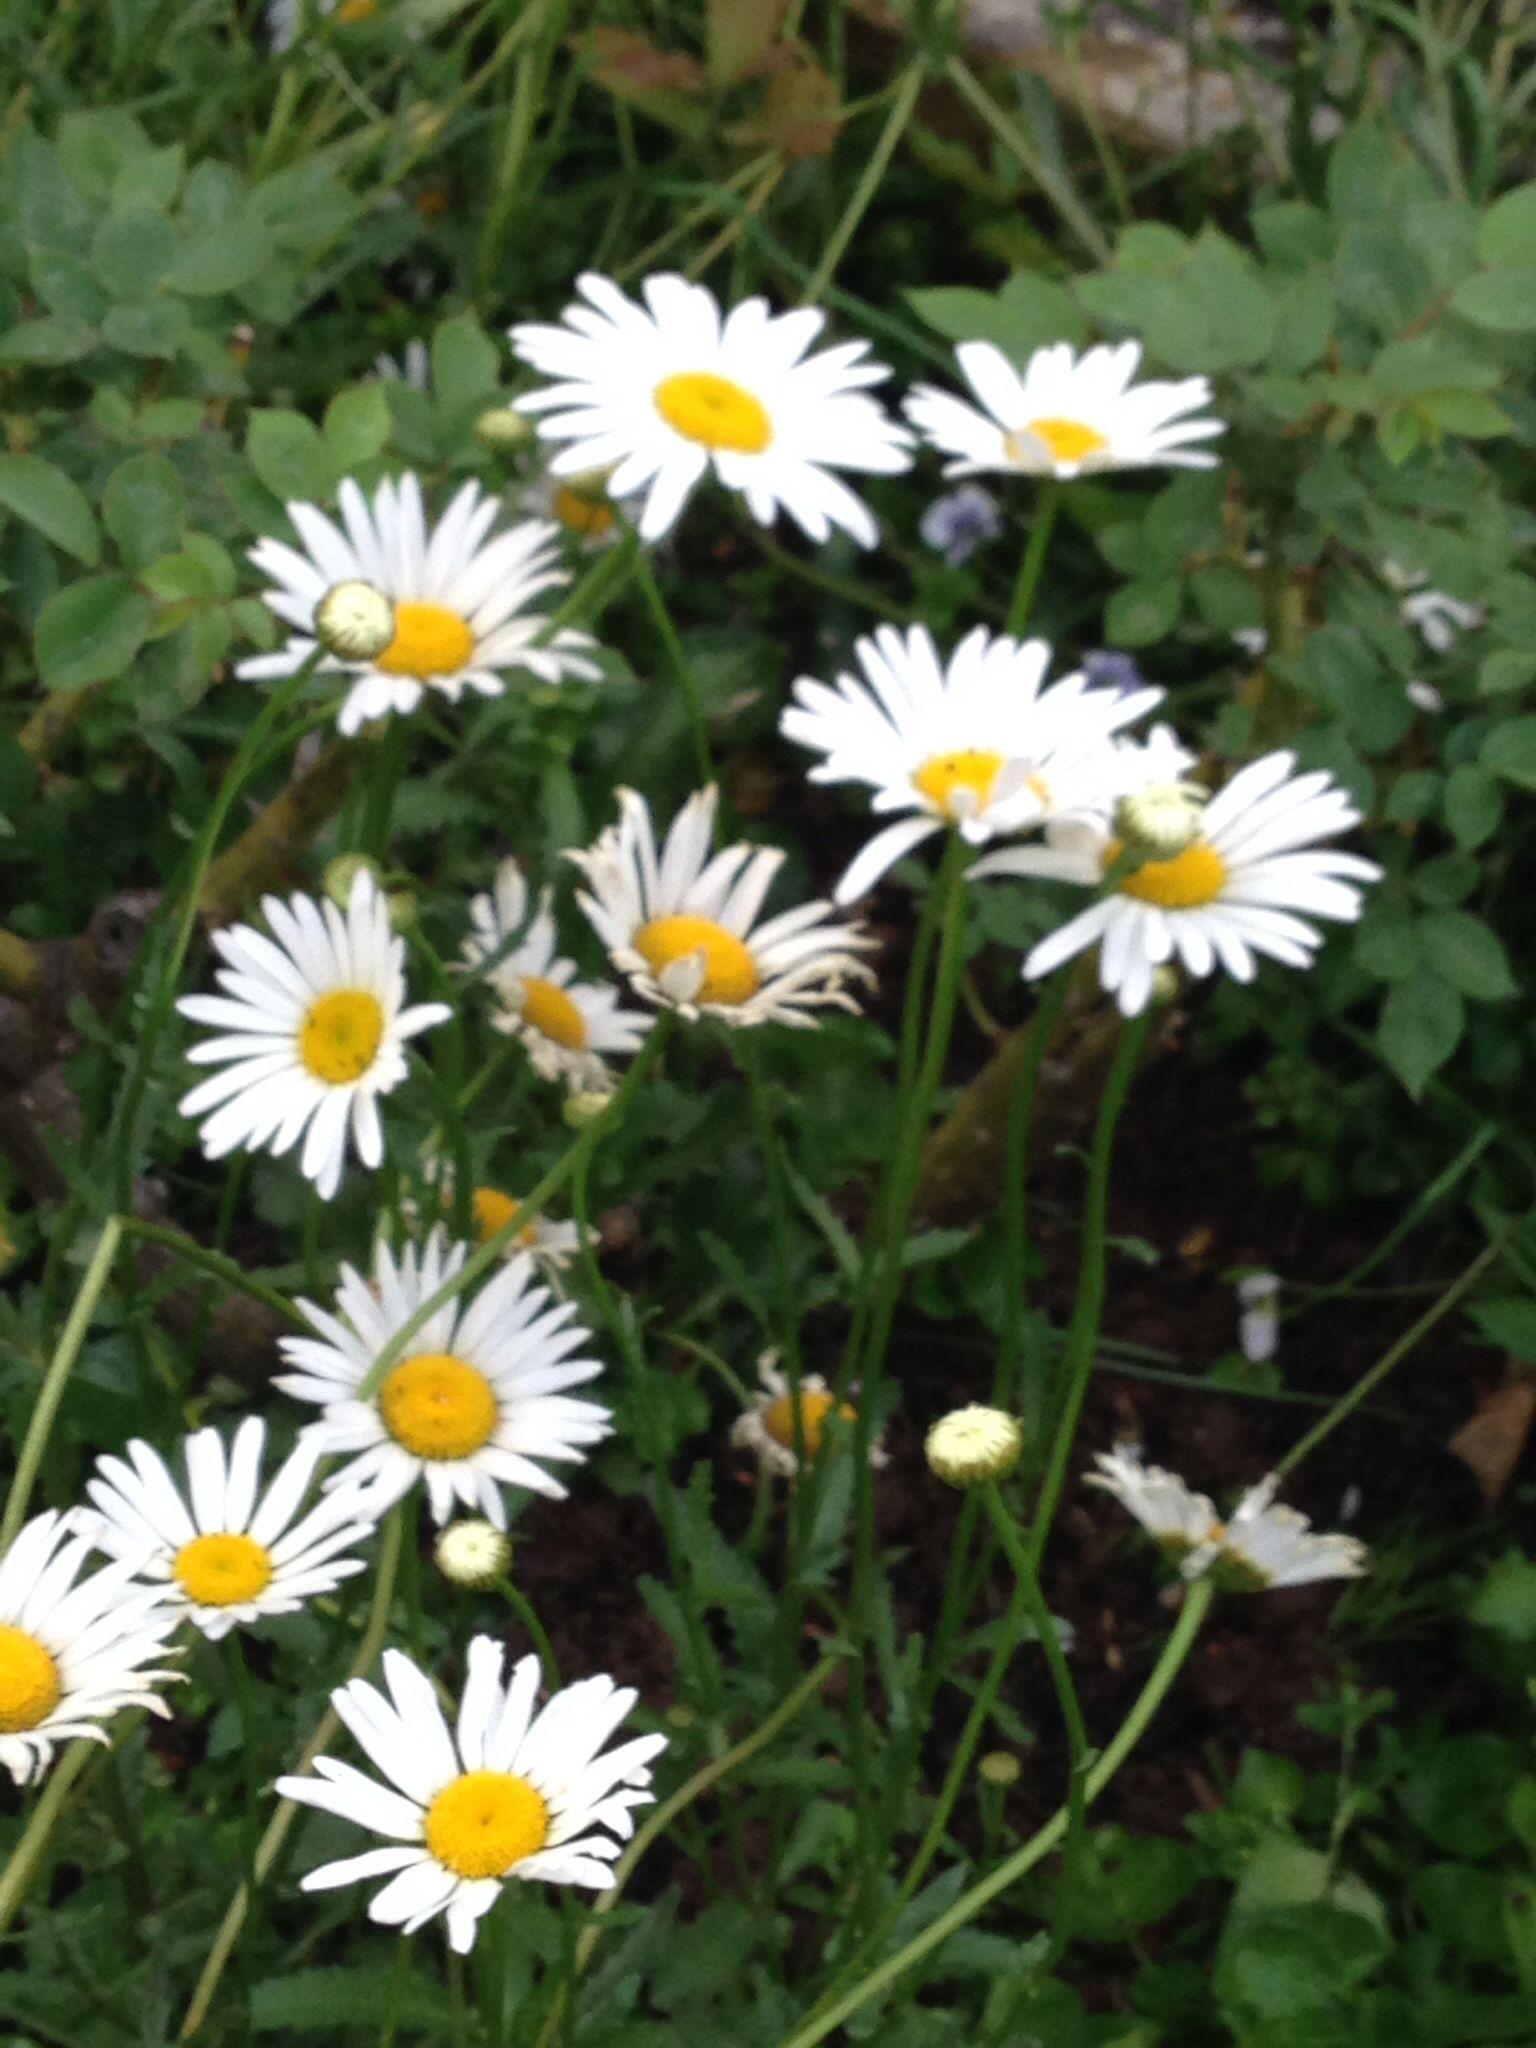 Wild Daisies Julias Garden Pinterest Wild Flowers And Gardens